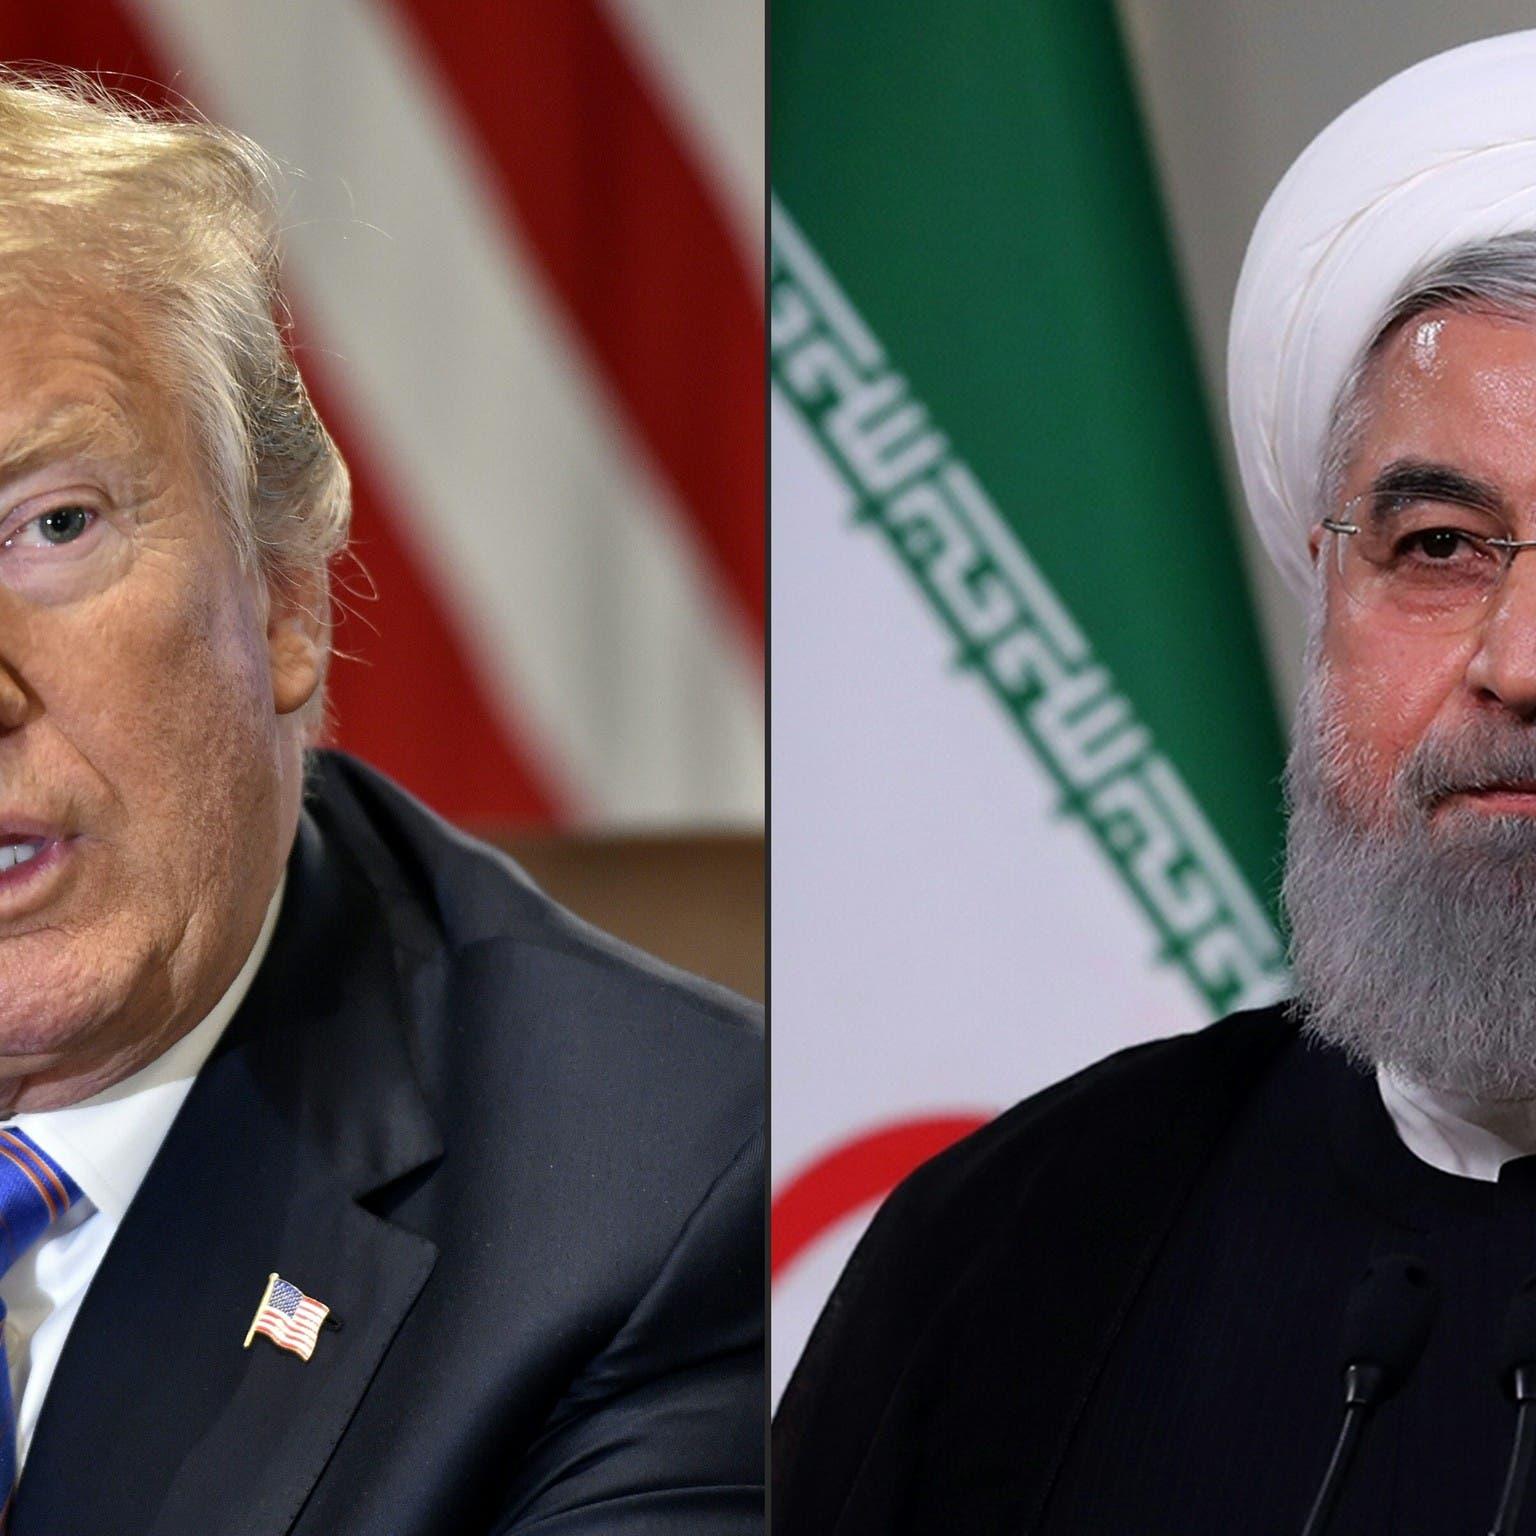 كيف فشل اجتماع مرتقب بين روحاني وترمب بوساطة ماكرون؟